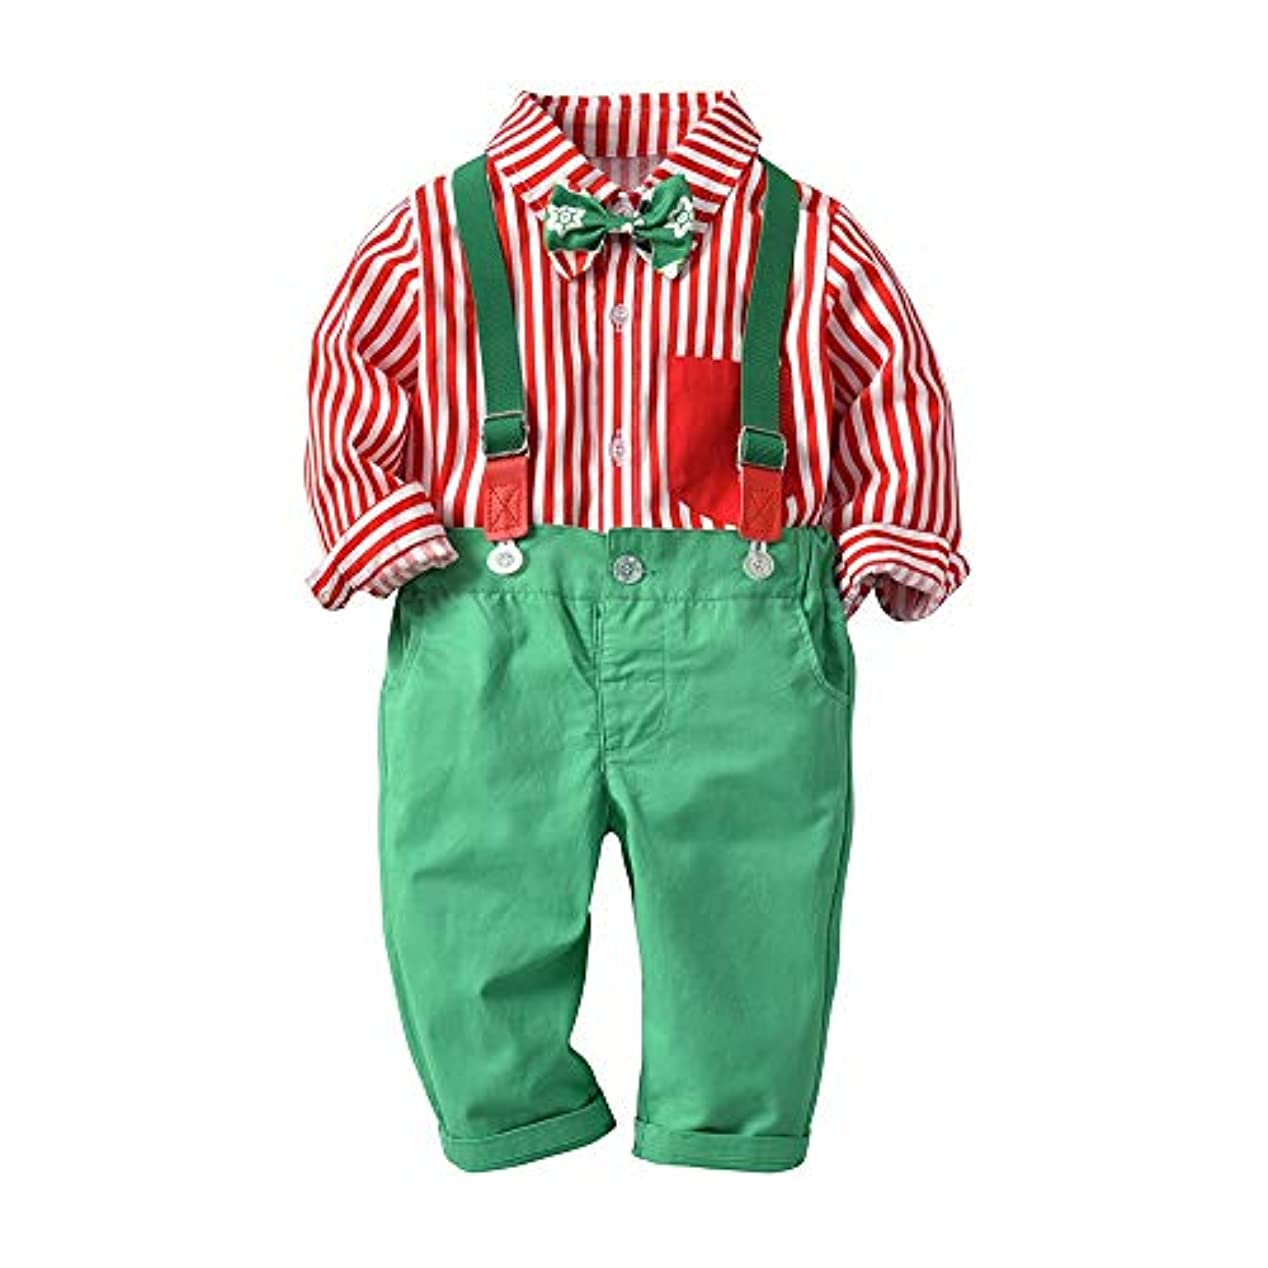 熱意きゅうり送るベイビーボーイ衣装セット キッズボーイズ紳士衣装ロングスリーブシャツサスペンダーボウタイ紳士オーバーオール衣装2点セット 可愛い (サイズ : 80, Style : Pink shirt+Green Overalls)